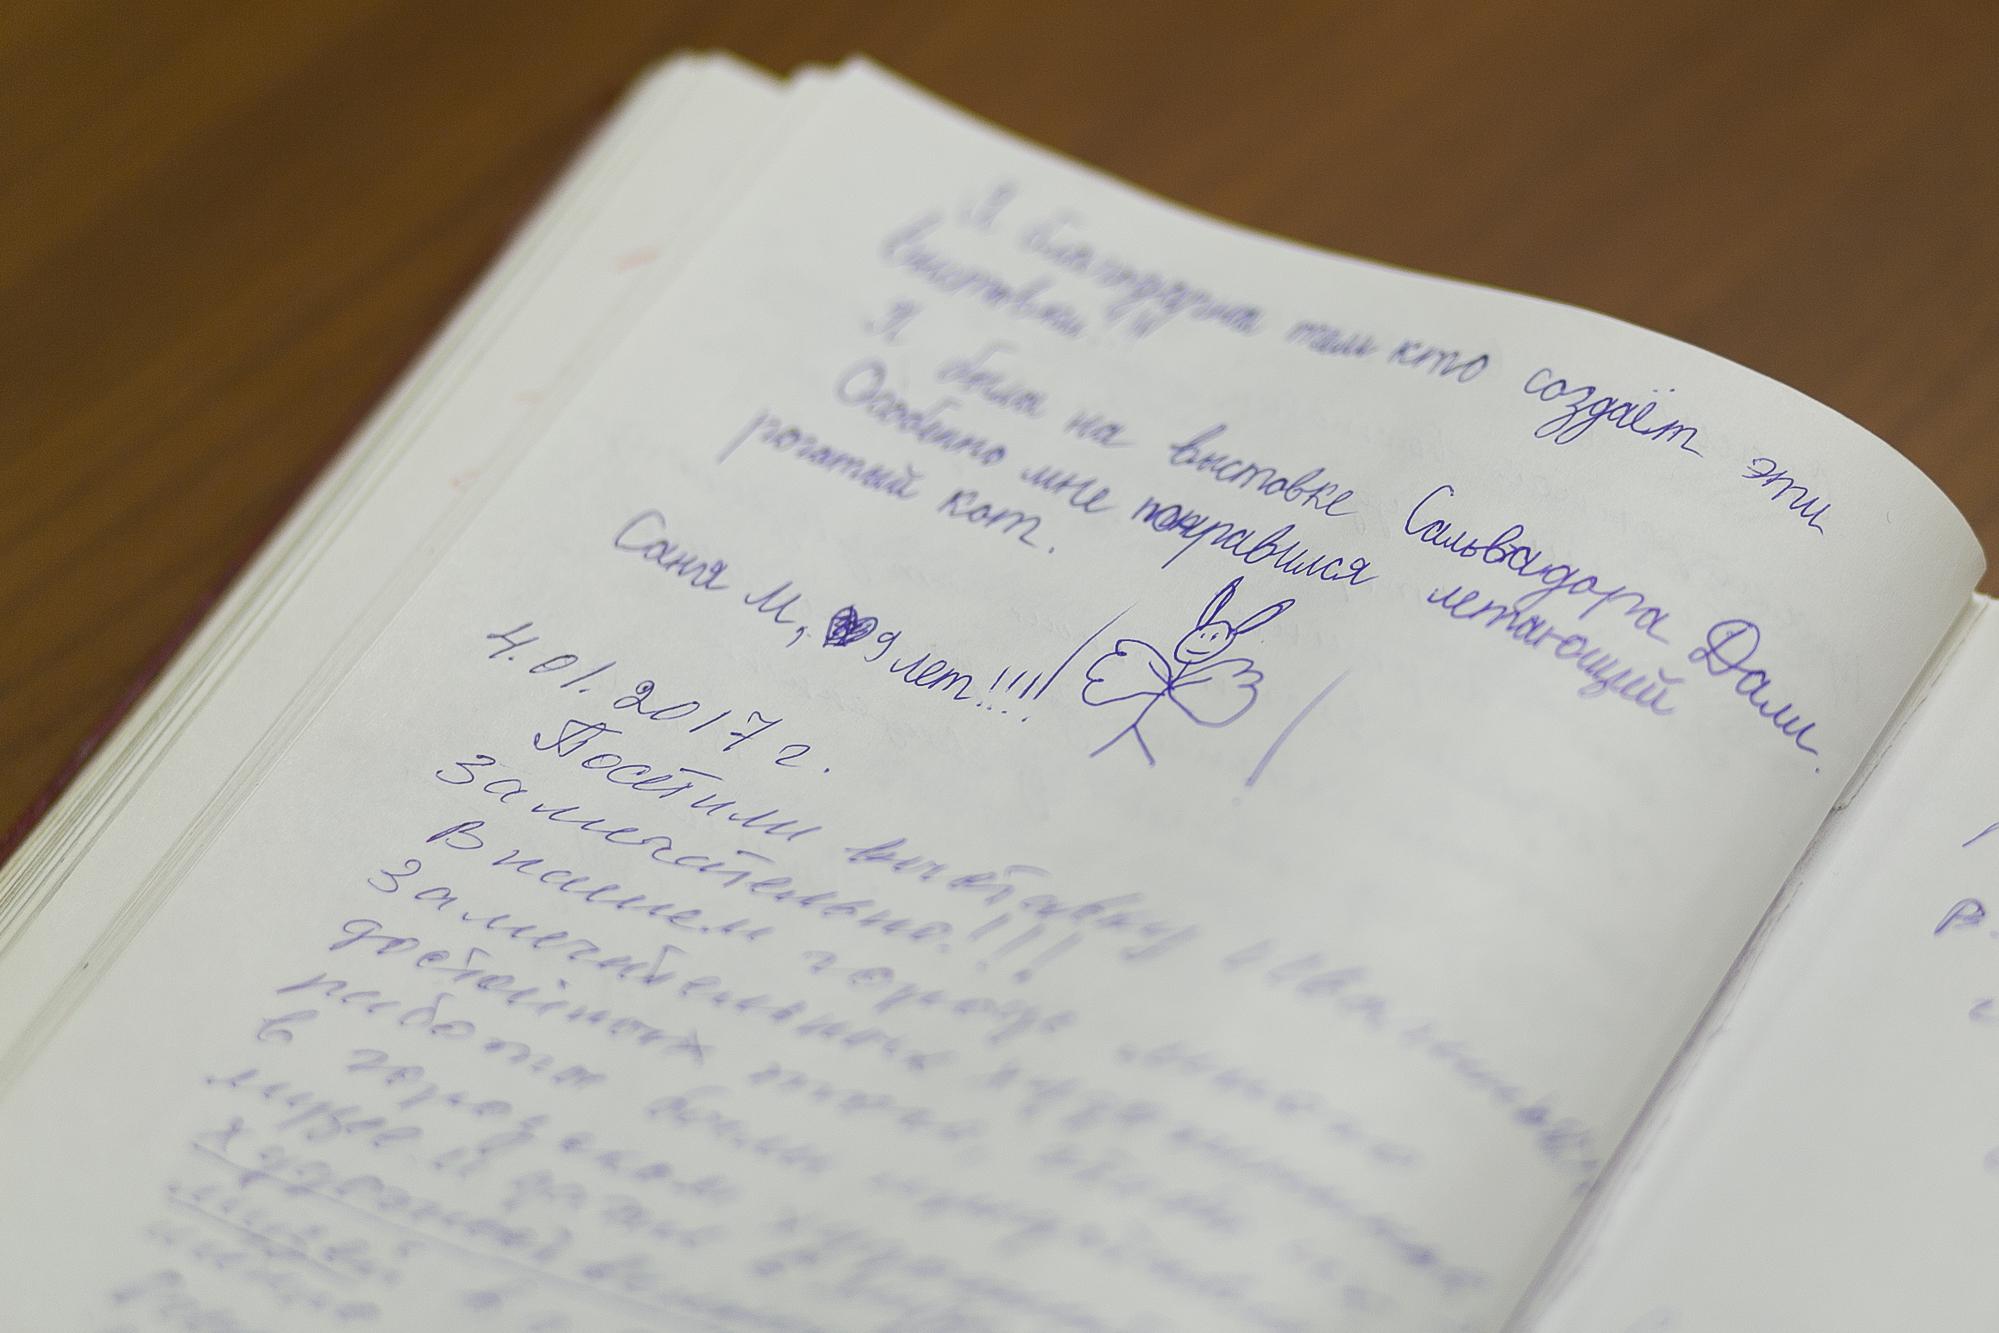 В книге написано: «Я была на выставке Сальвадора Дали. Особенно мне понравился летающий рогатый кот»